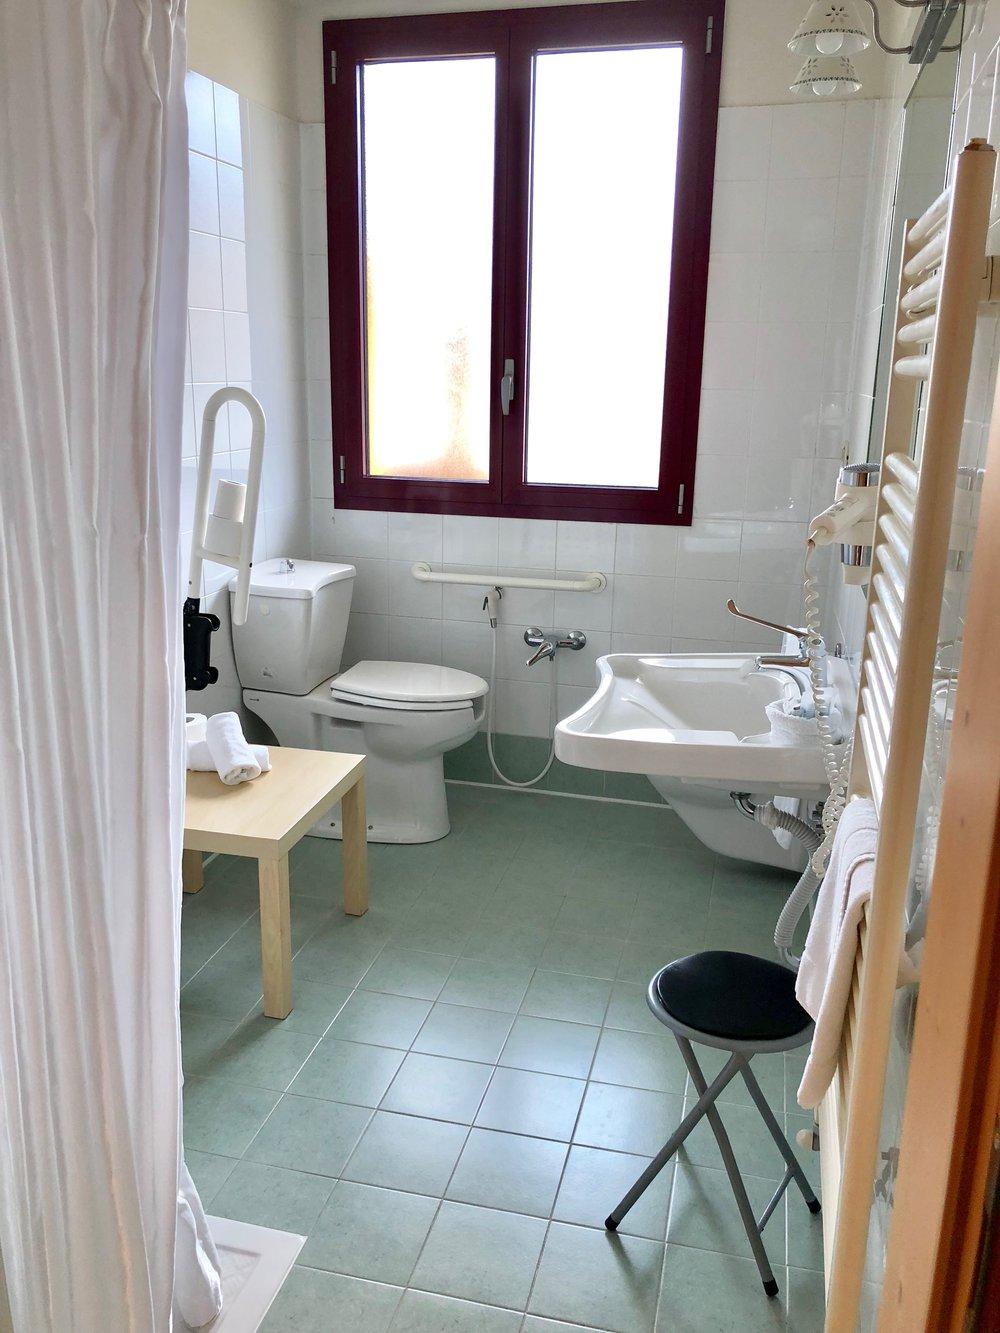 Clean comfortable rooms at the Garden Relais Hotel